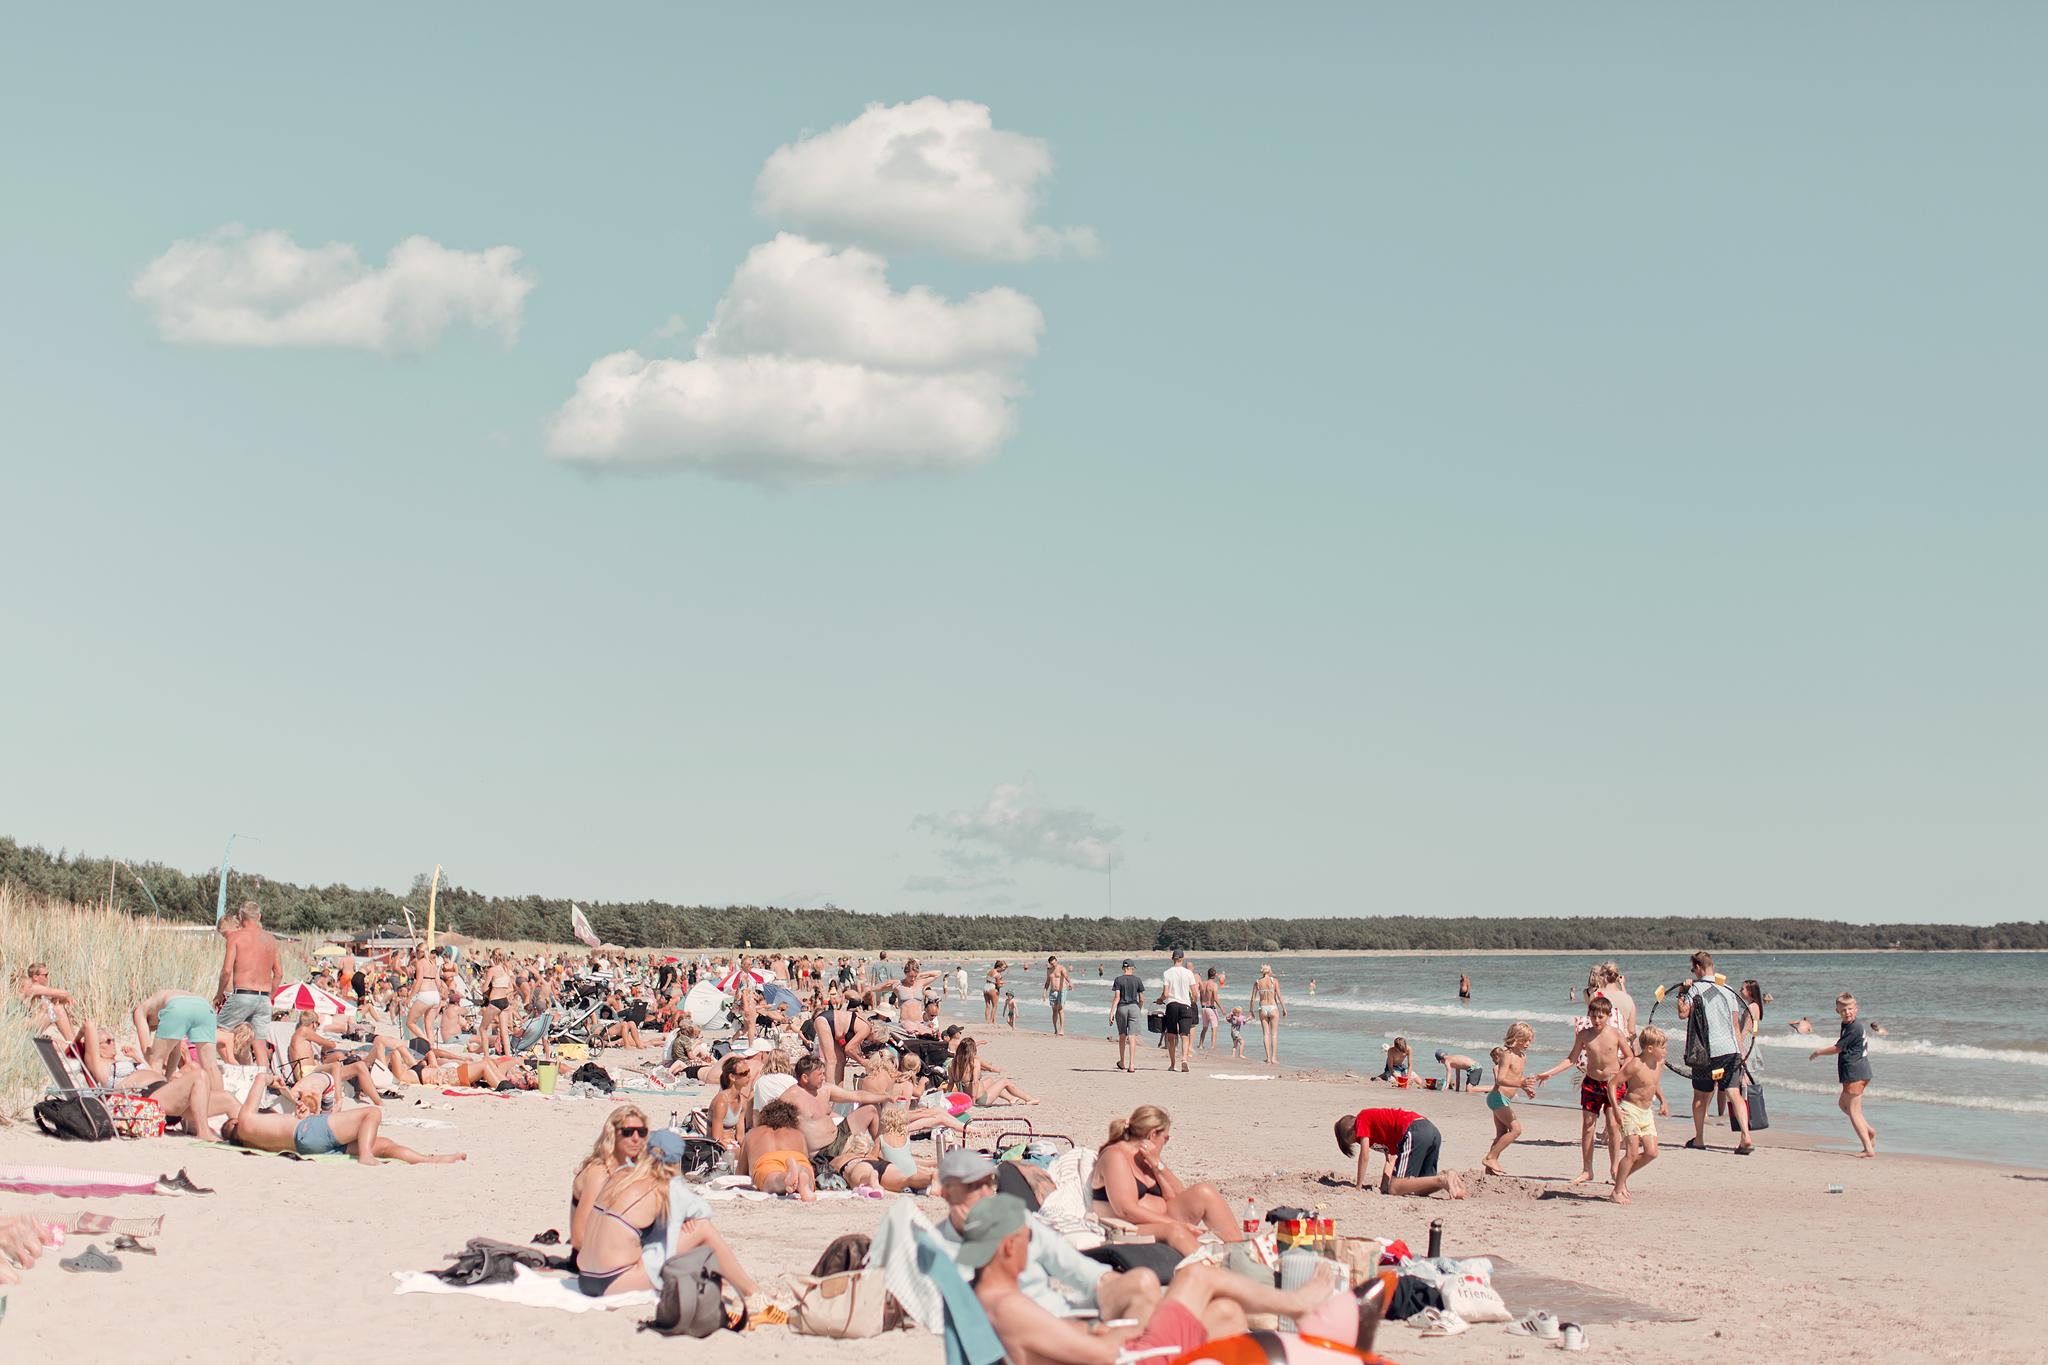 Resa till Gotland i corona-tider - allt du behöver veta